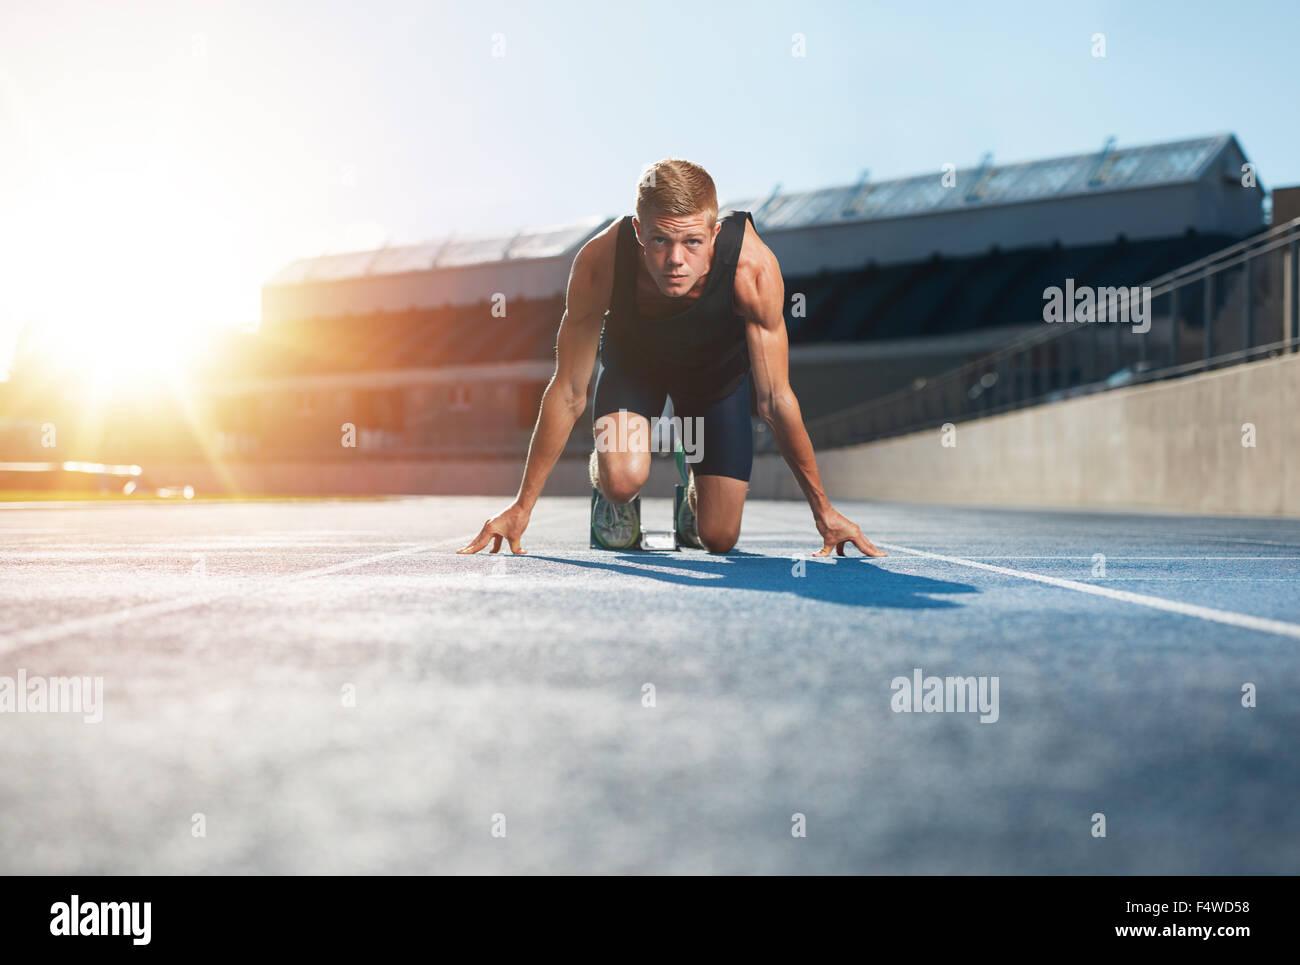 Joven atleta en posición inicial listo para comenzar una carrera. Velocista masculino preparado para una carrera Imagen De Stock